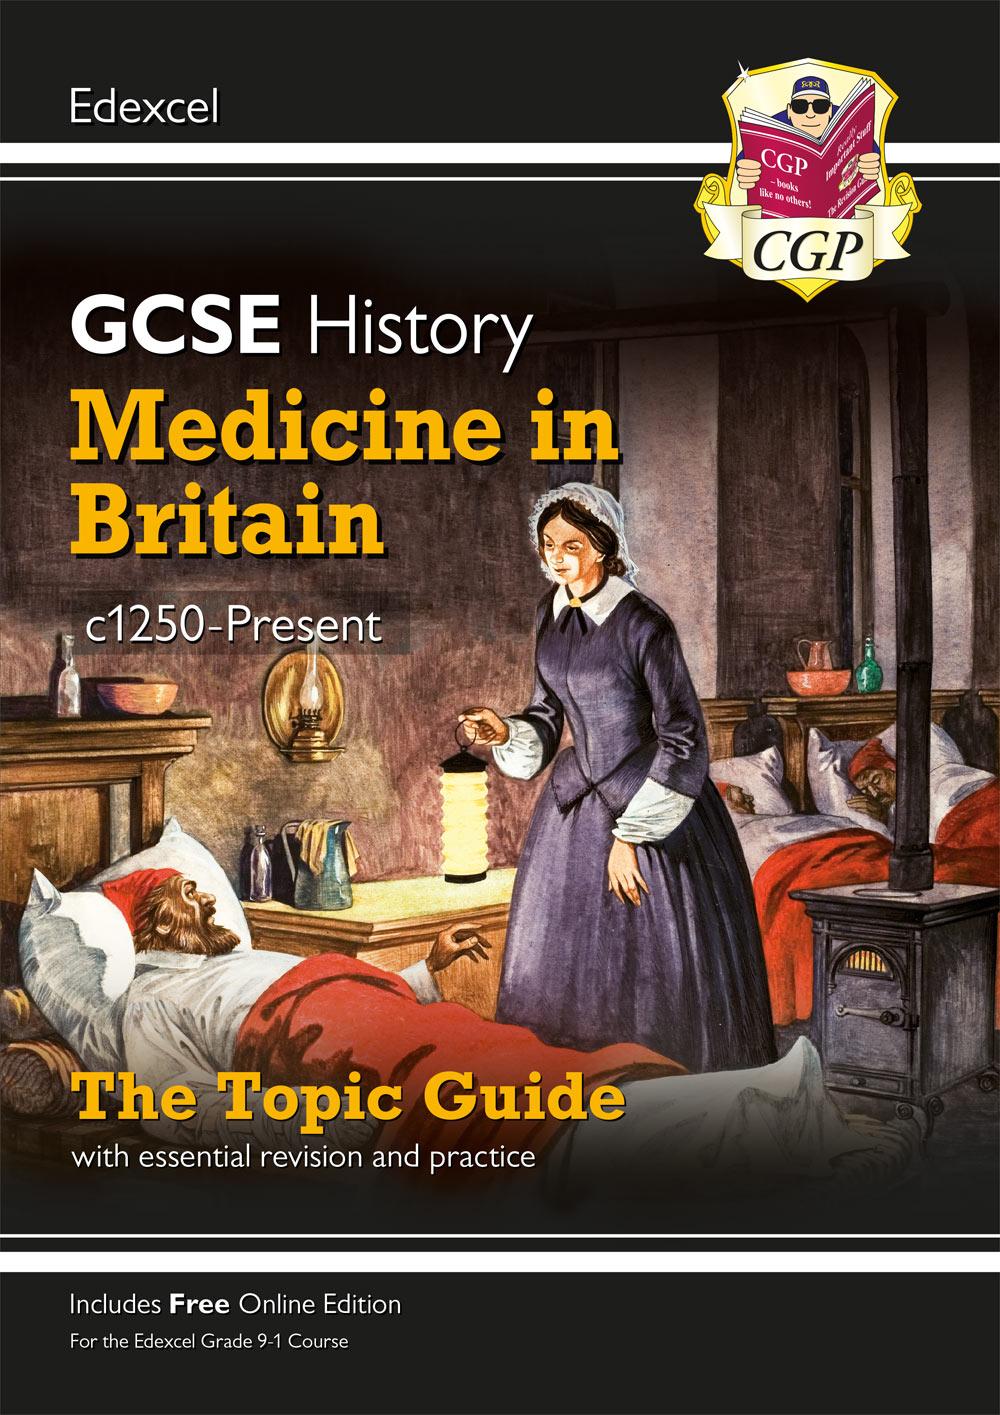 New Grade 9-1 GCSE History Edexcel Topic Guide - Medicine in Britain,  c1250-Present